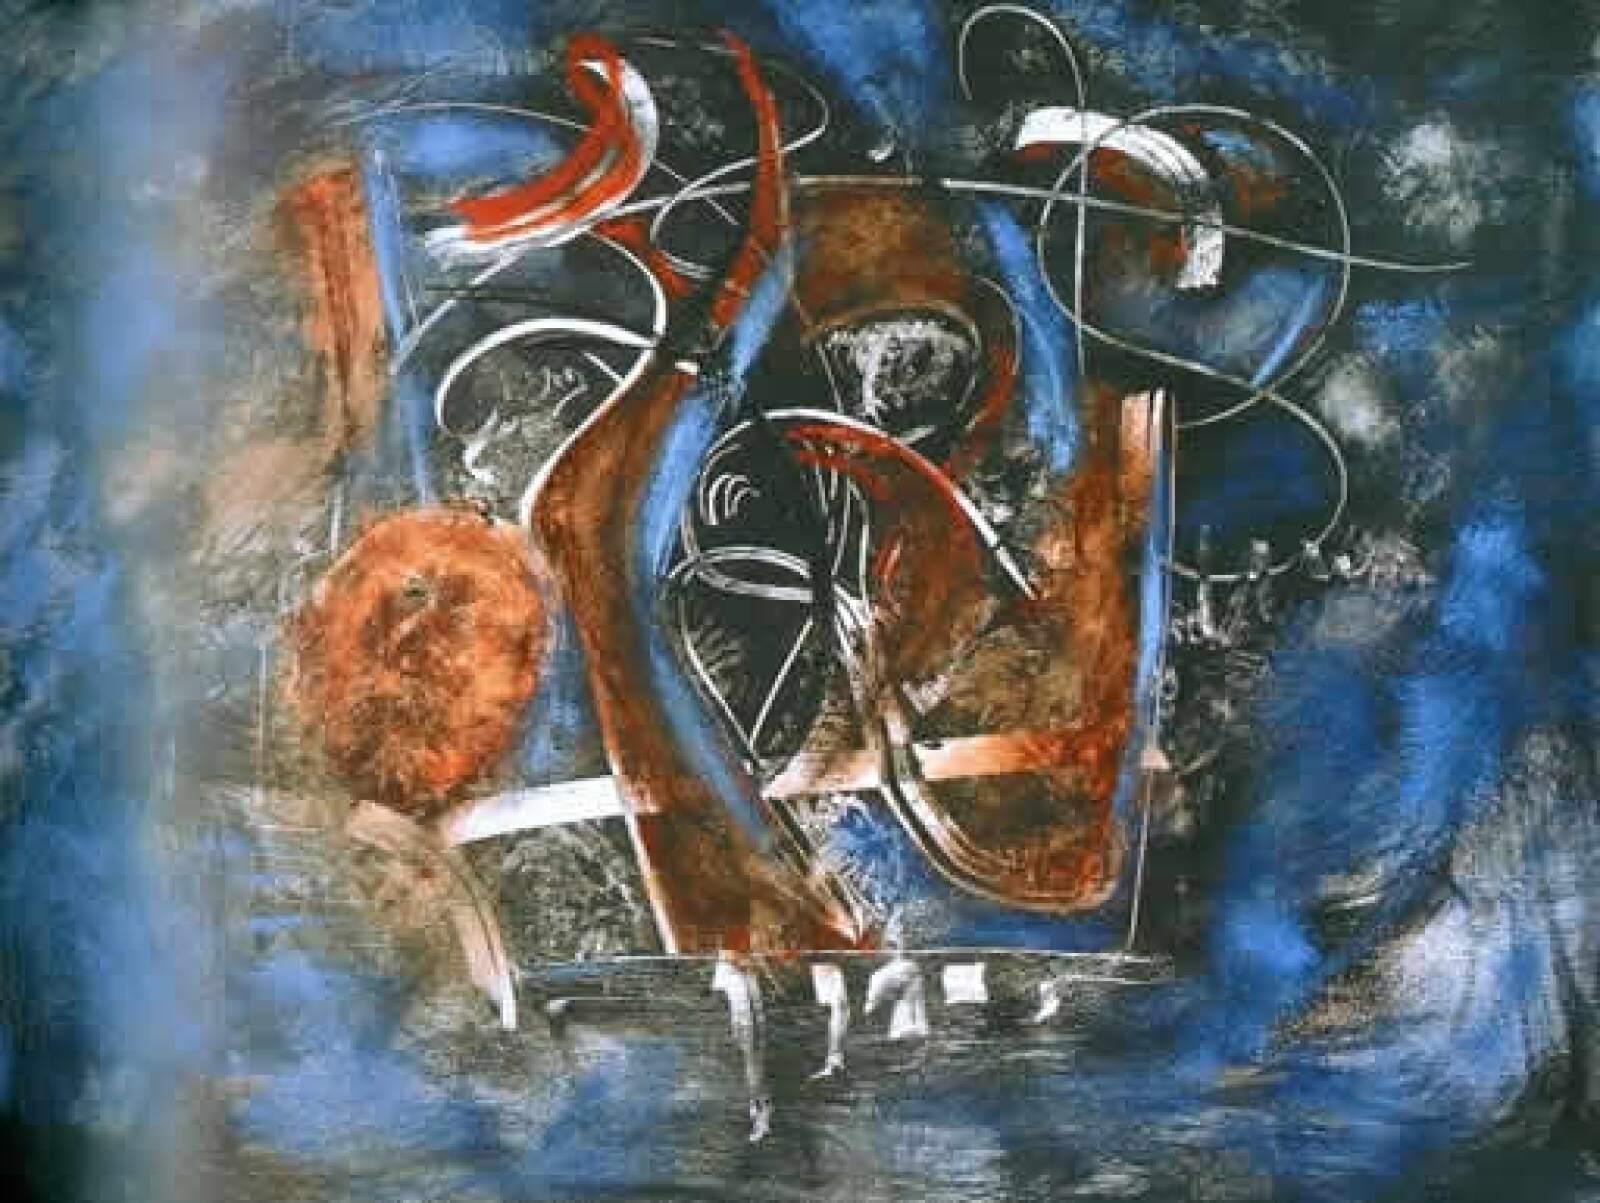 """Según el filósofo y crítico de arte Luis Ramaggio, Martí es un pintor comprometido con su oficio"""". """"Embrujo en azul"""", 2004, acrílico sobre tela, 1.20 x 1.50 m"""